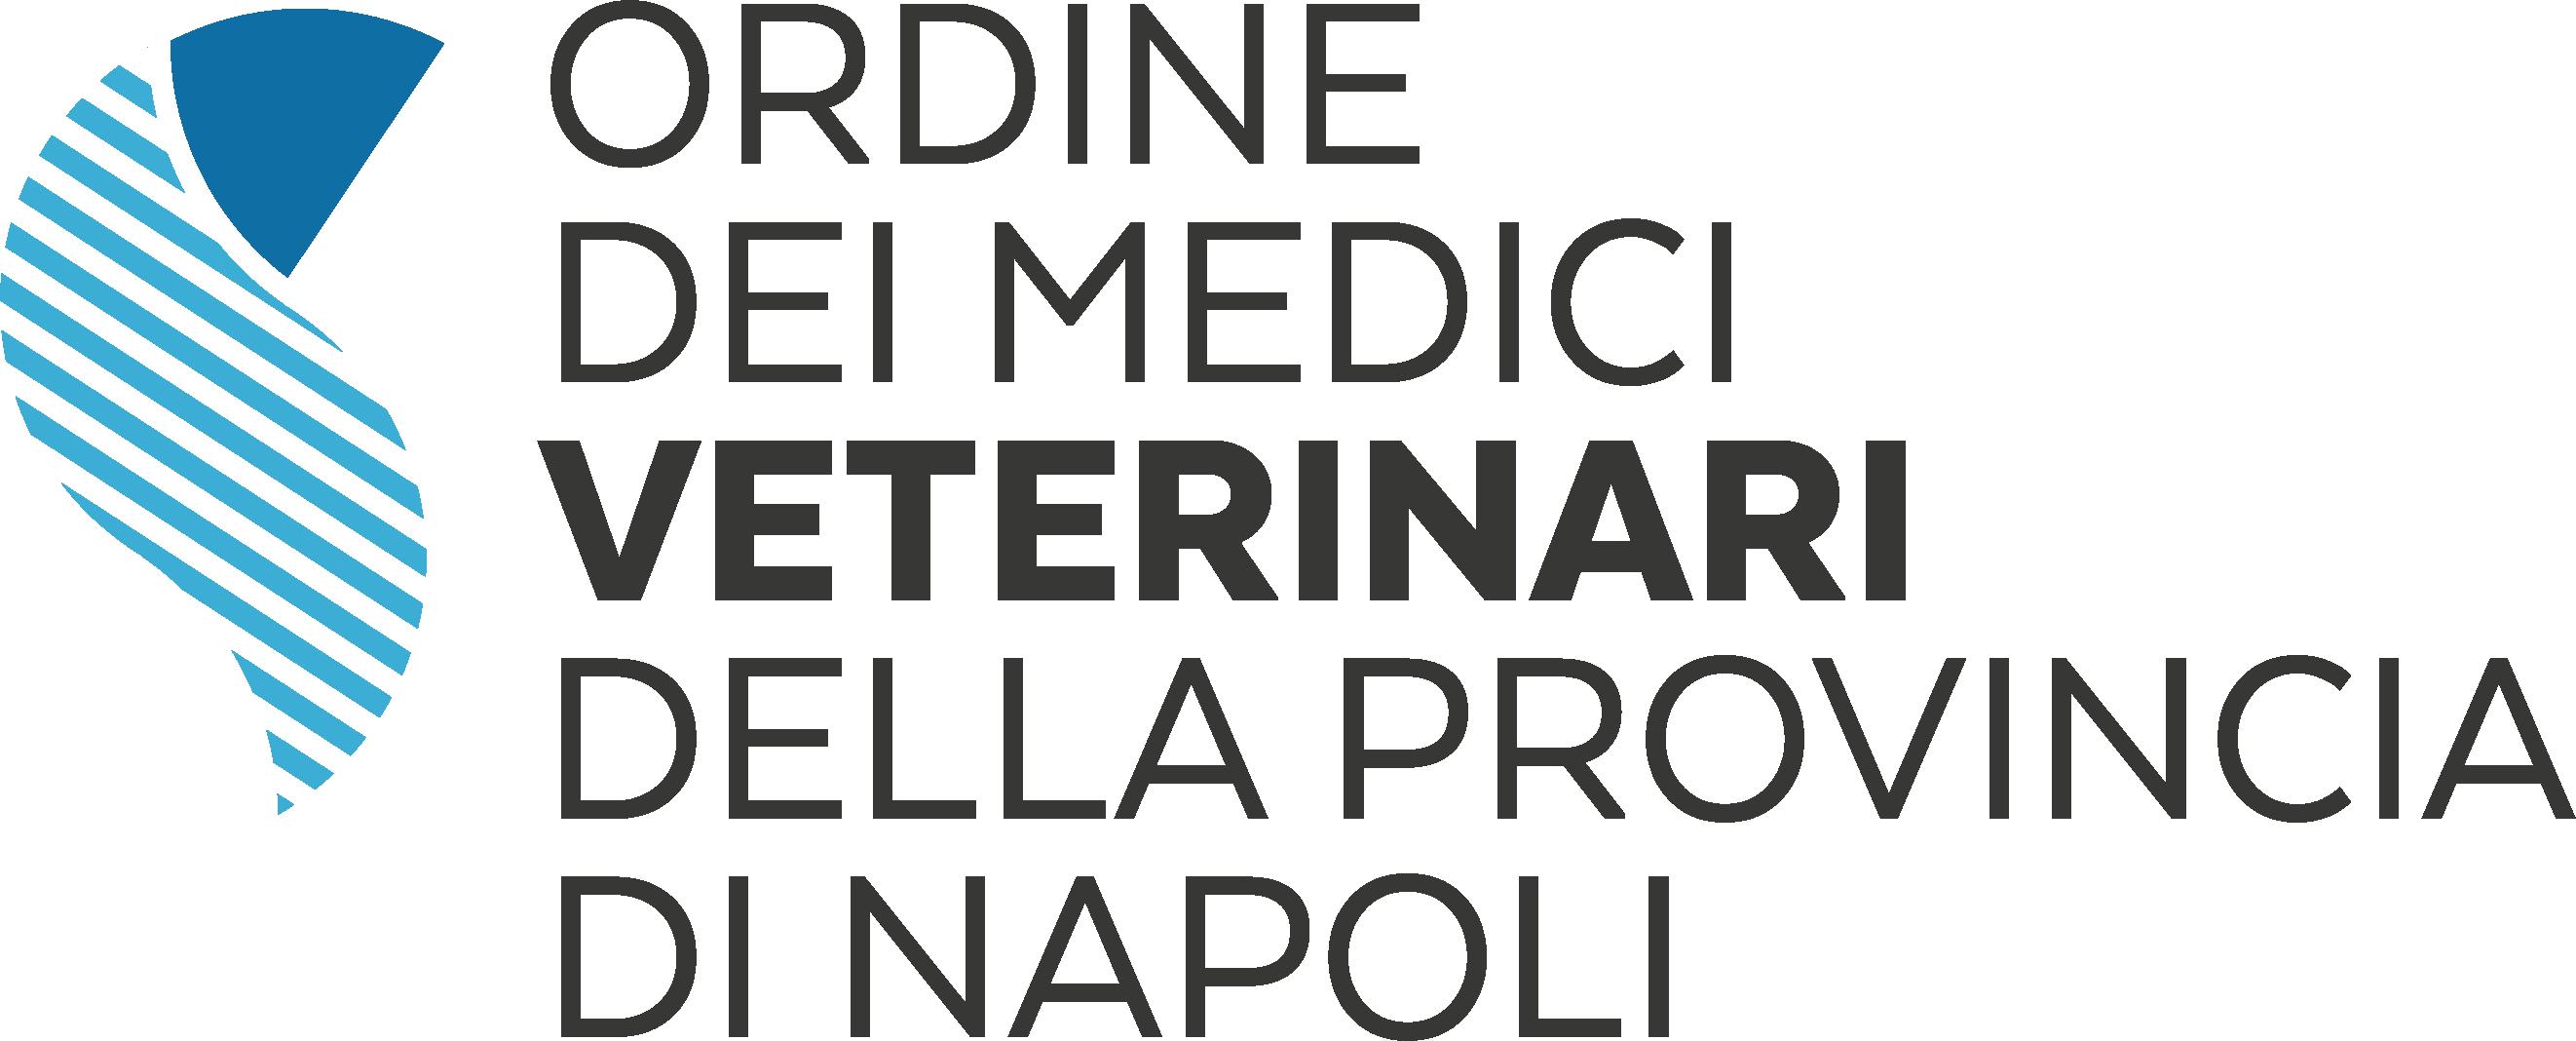 Ordine dei Veterinari di Napoli